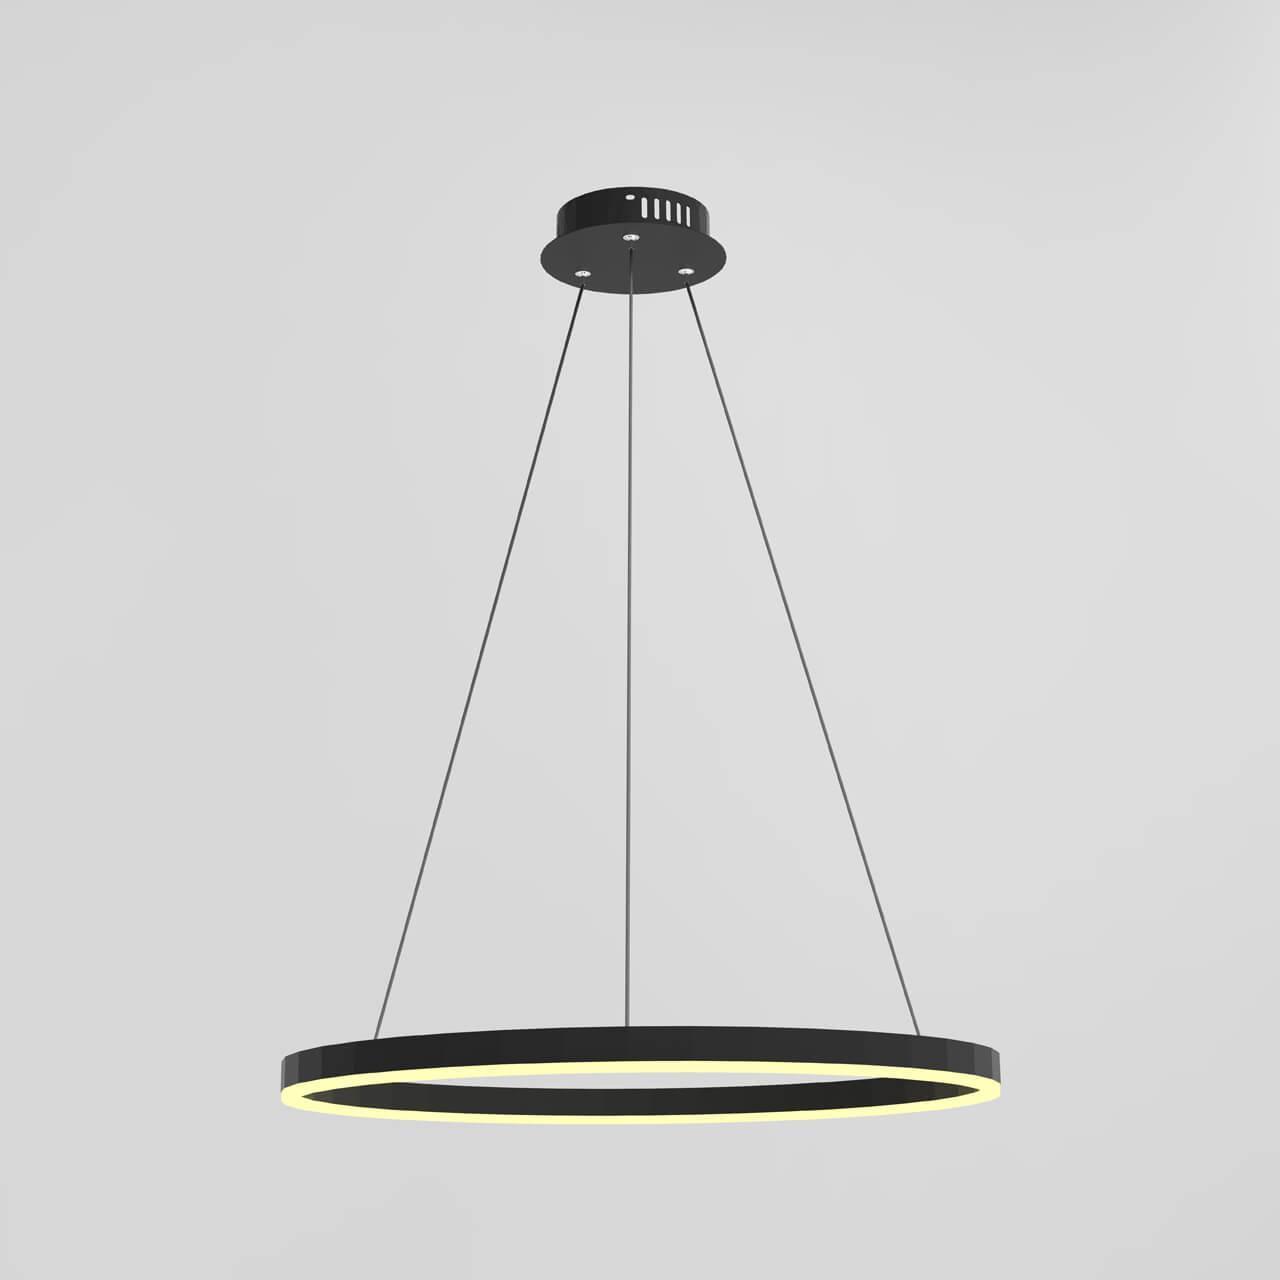 Подвесной светильник Kink Light 08212,19(4000K), LED, 24 Вт kink light подвесной светодиодный светильник kink light аква кристалл 08620 1a